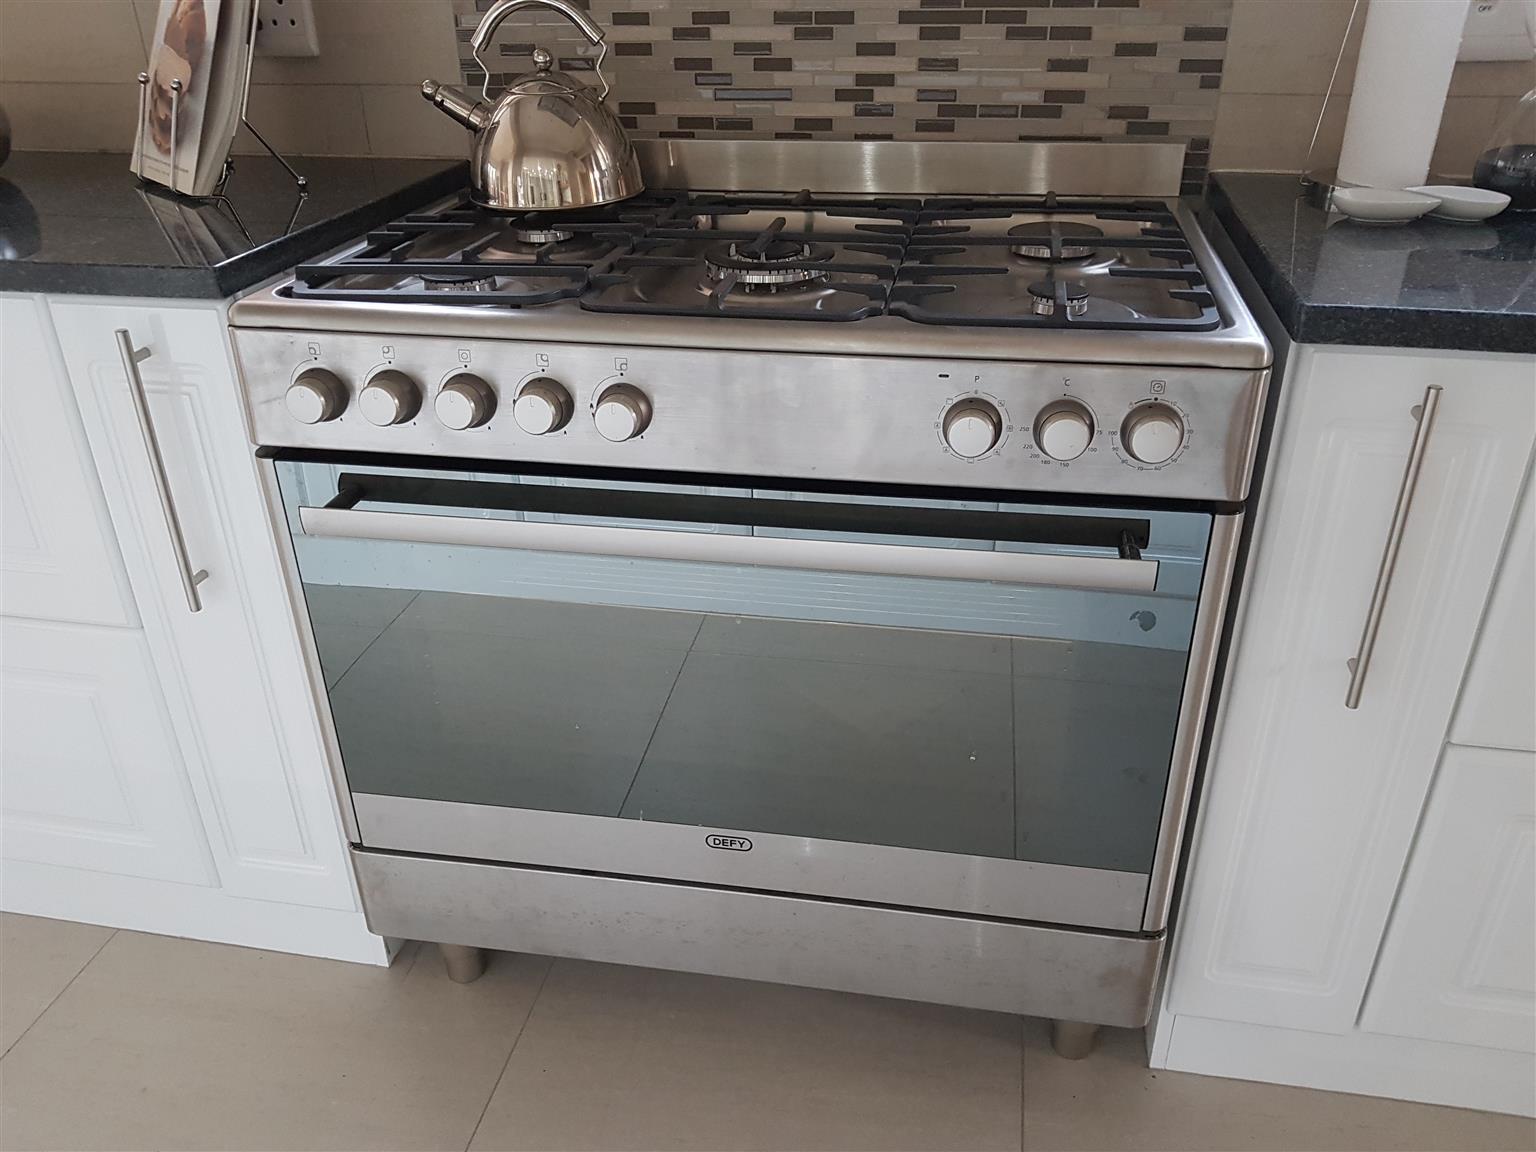 Defy Kitchen Appliances